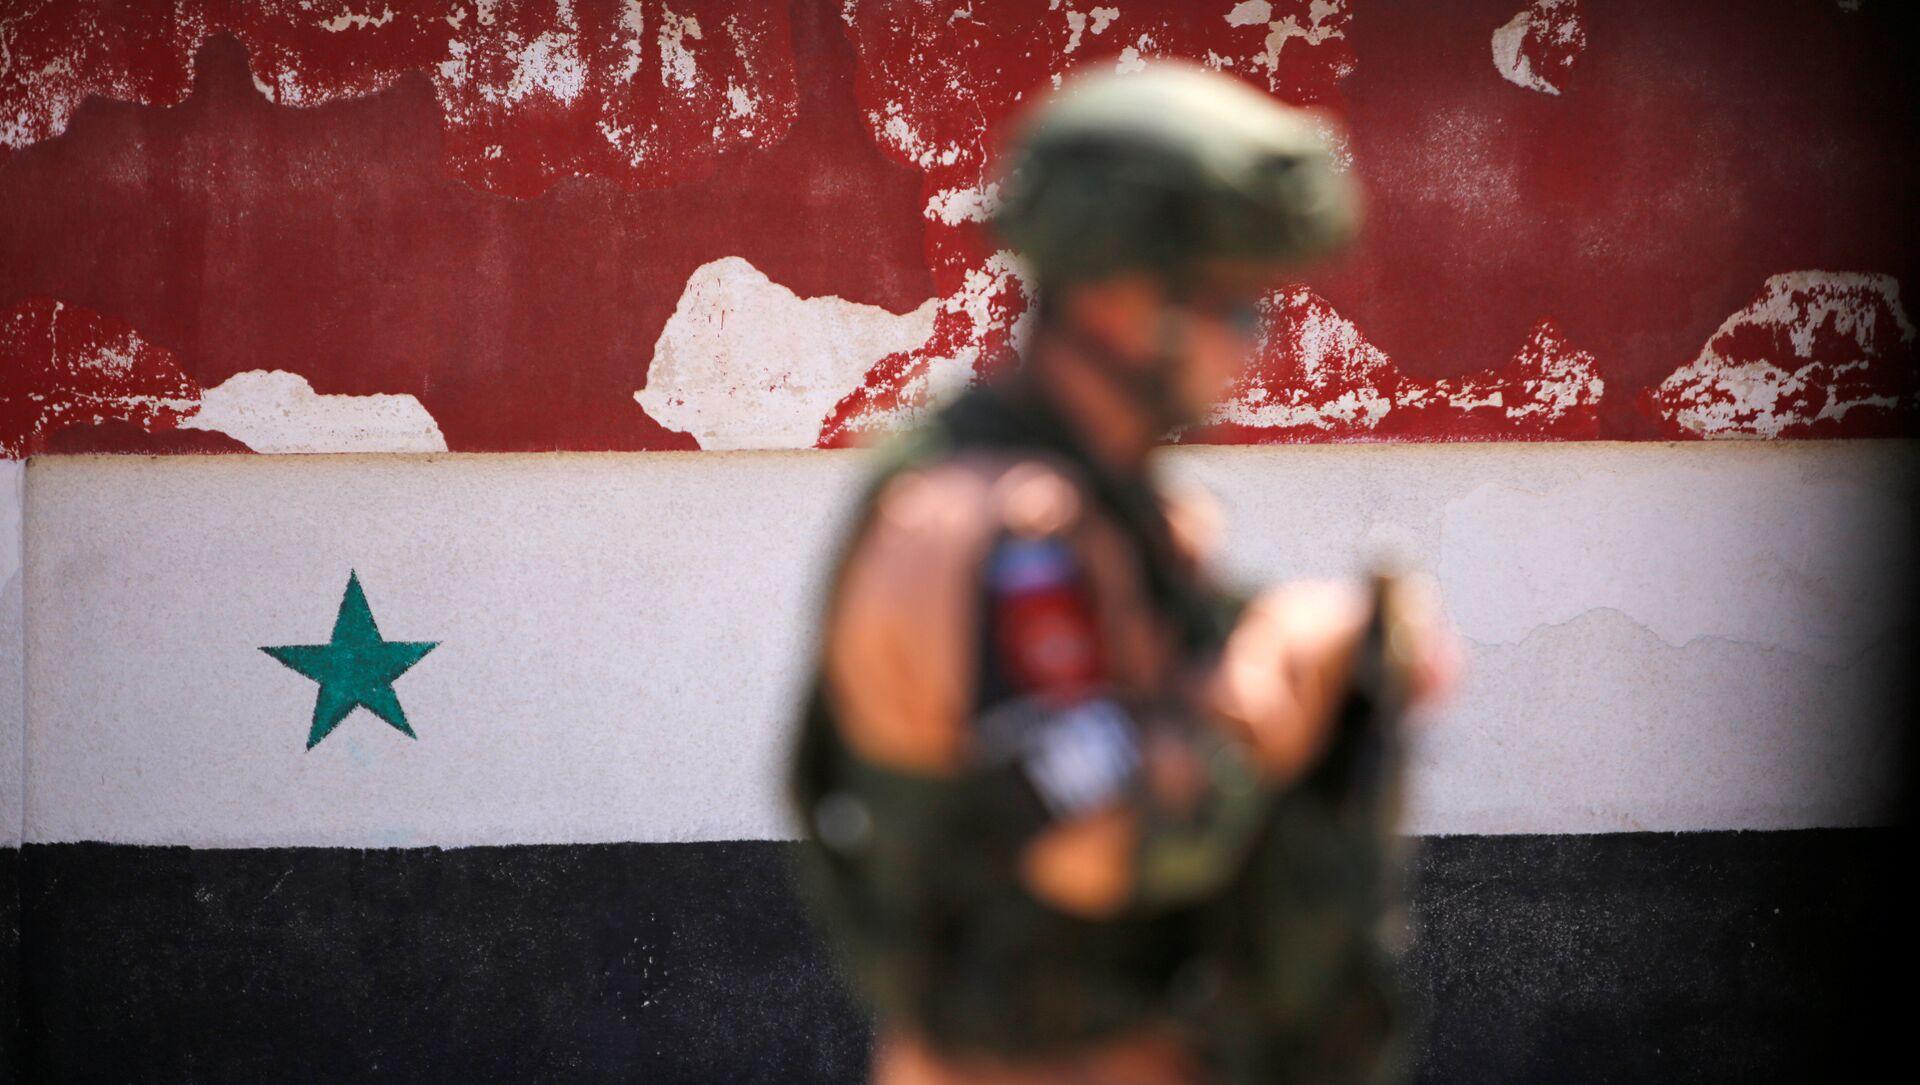 Un soldato russo sta di fronte alla bandiera nazionale siriana - Sputnik Italia, 1920, 26.02.2021